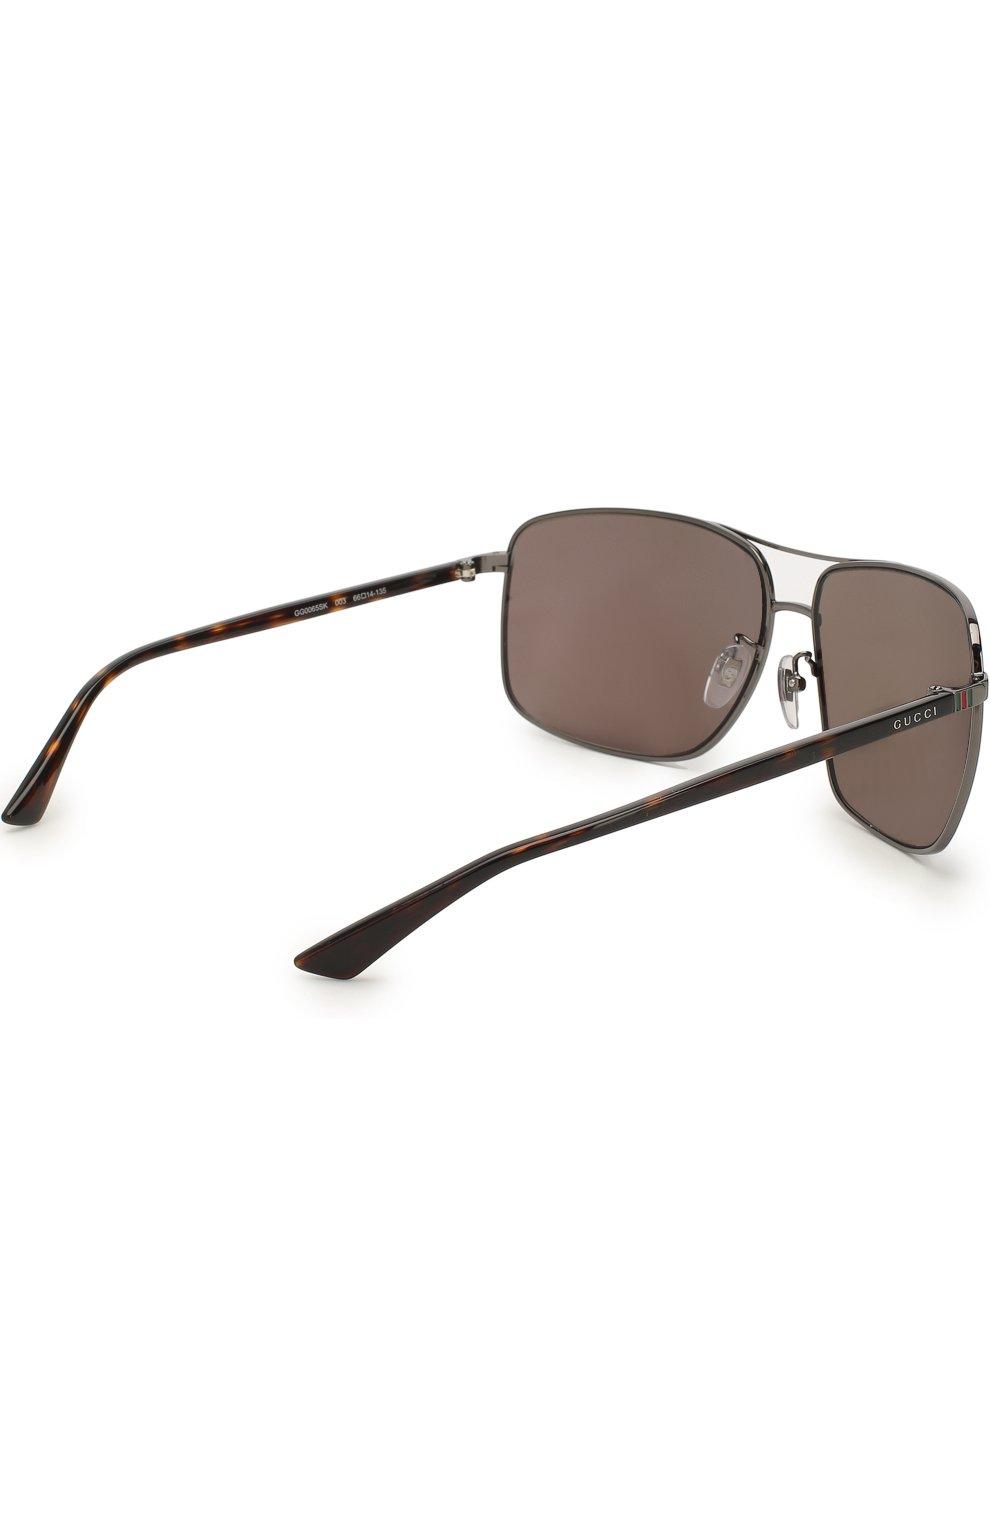 Женские солнцезащитные очки GUCCI синего цвета, арт. 0065SK 003 | Фото 3